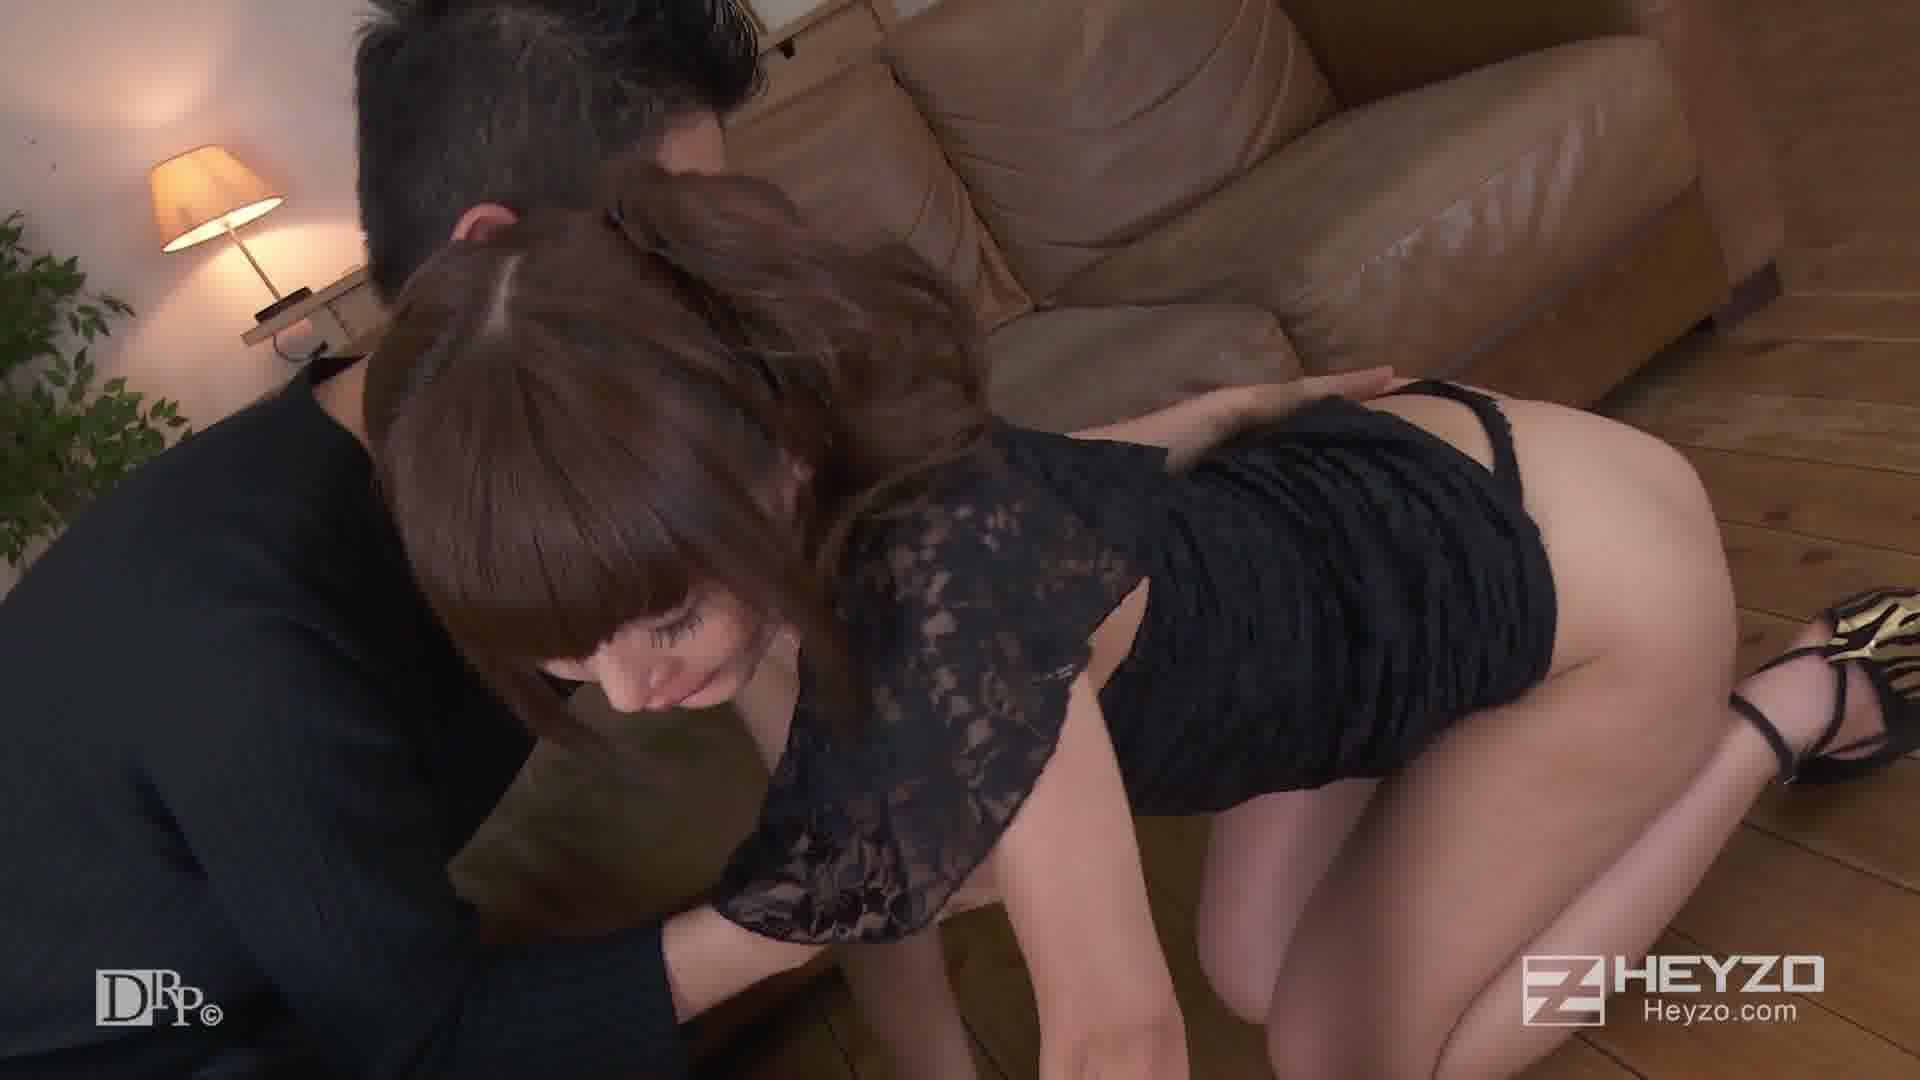 Z~美脚美女の誘惑~ - LinoA【キス フェラ 立ちバック 背面座位】